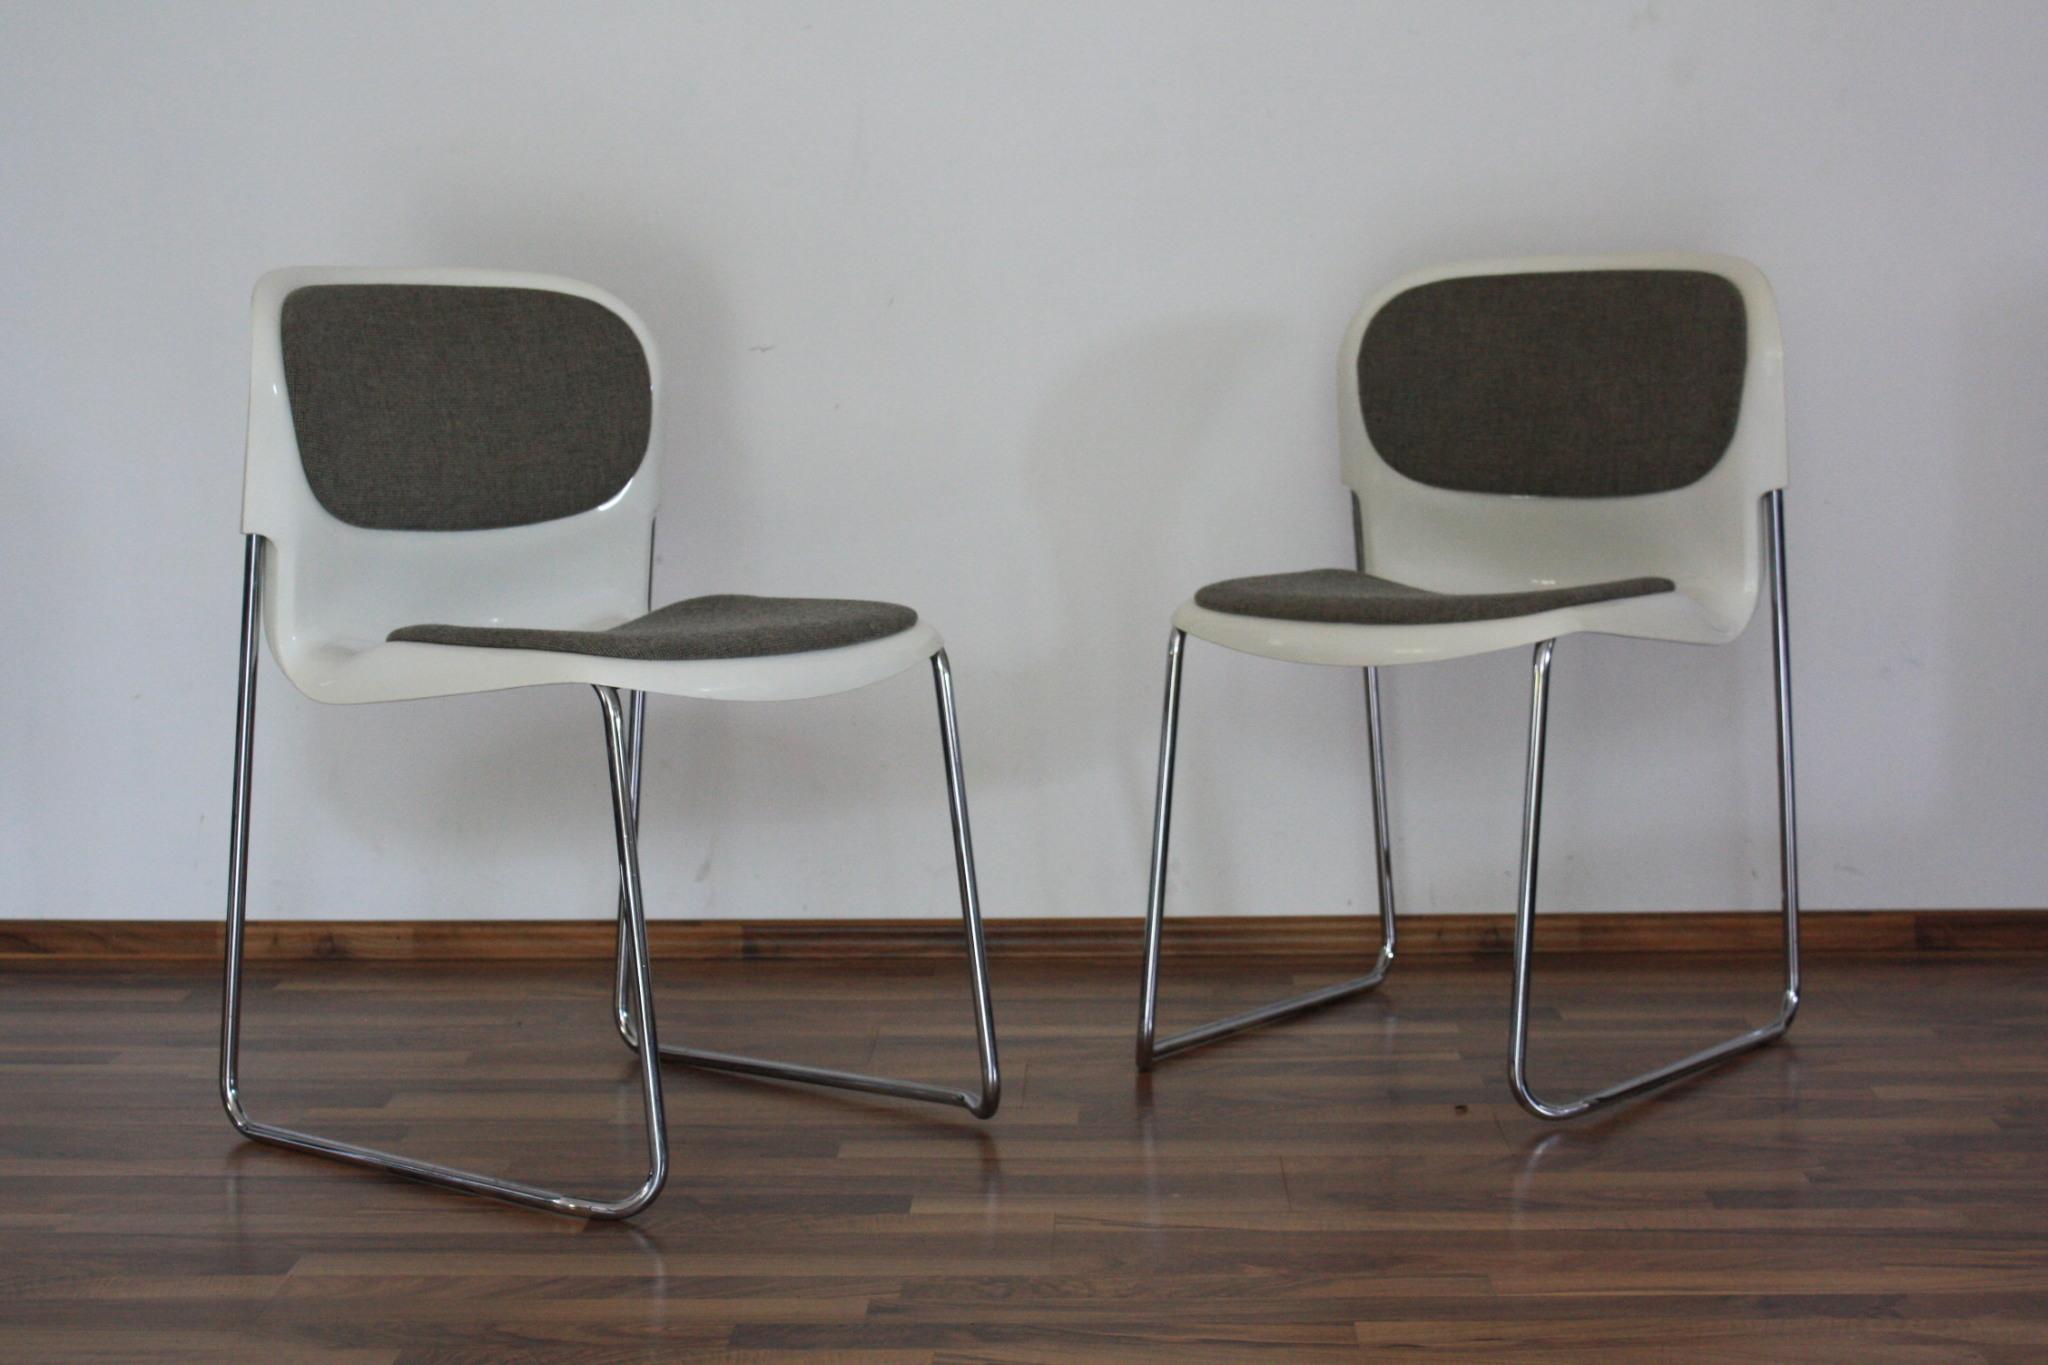 design ikonen reihe von modernen vektor bildung einfache. Black Bedroom Furniture Sets. Home Design Ideas